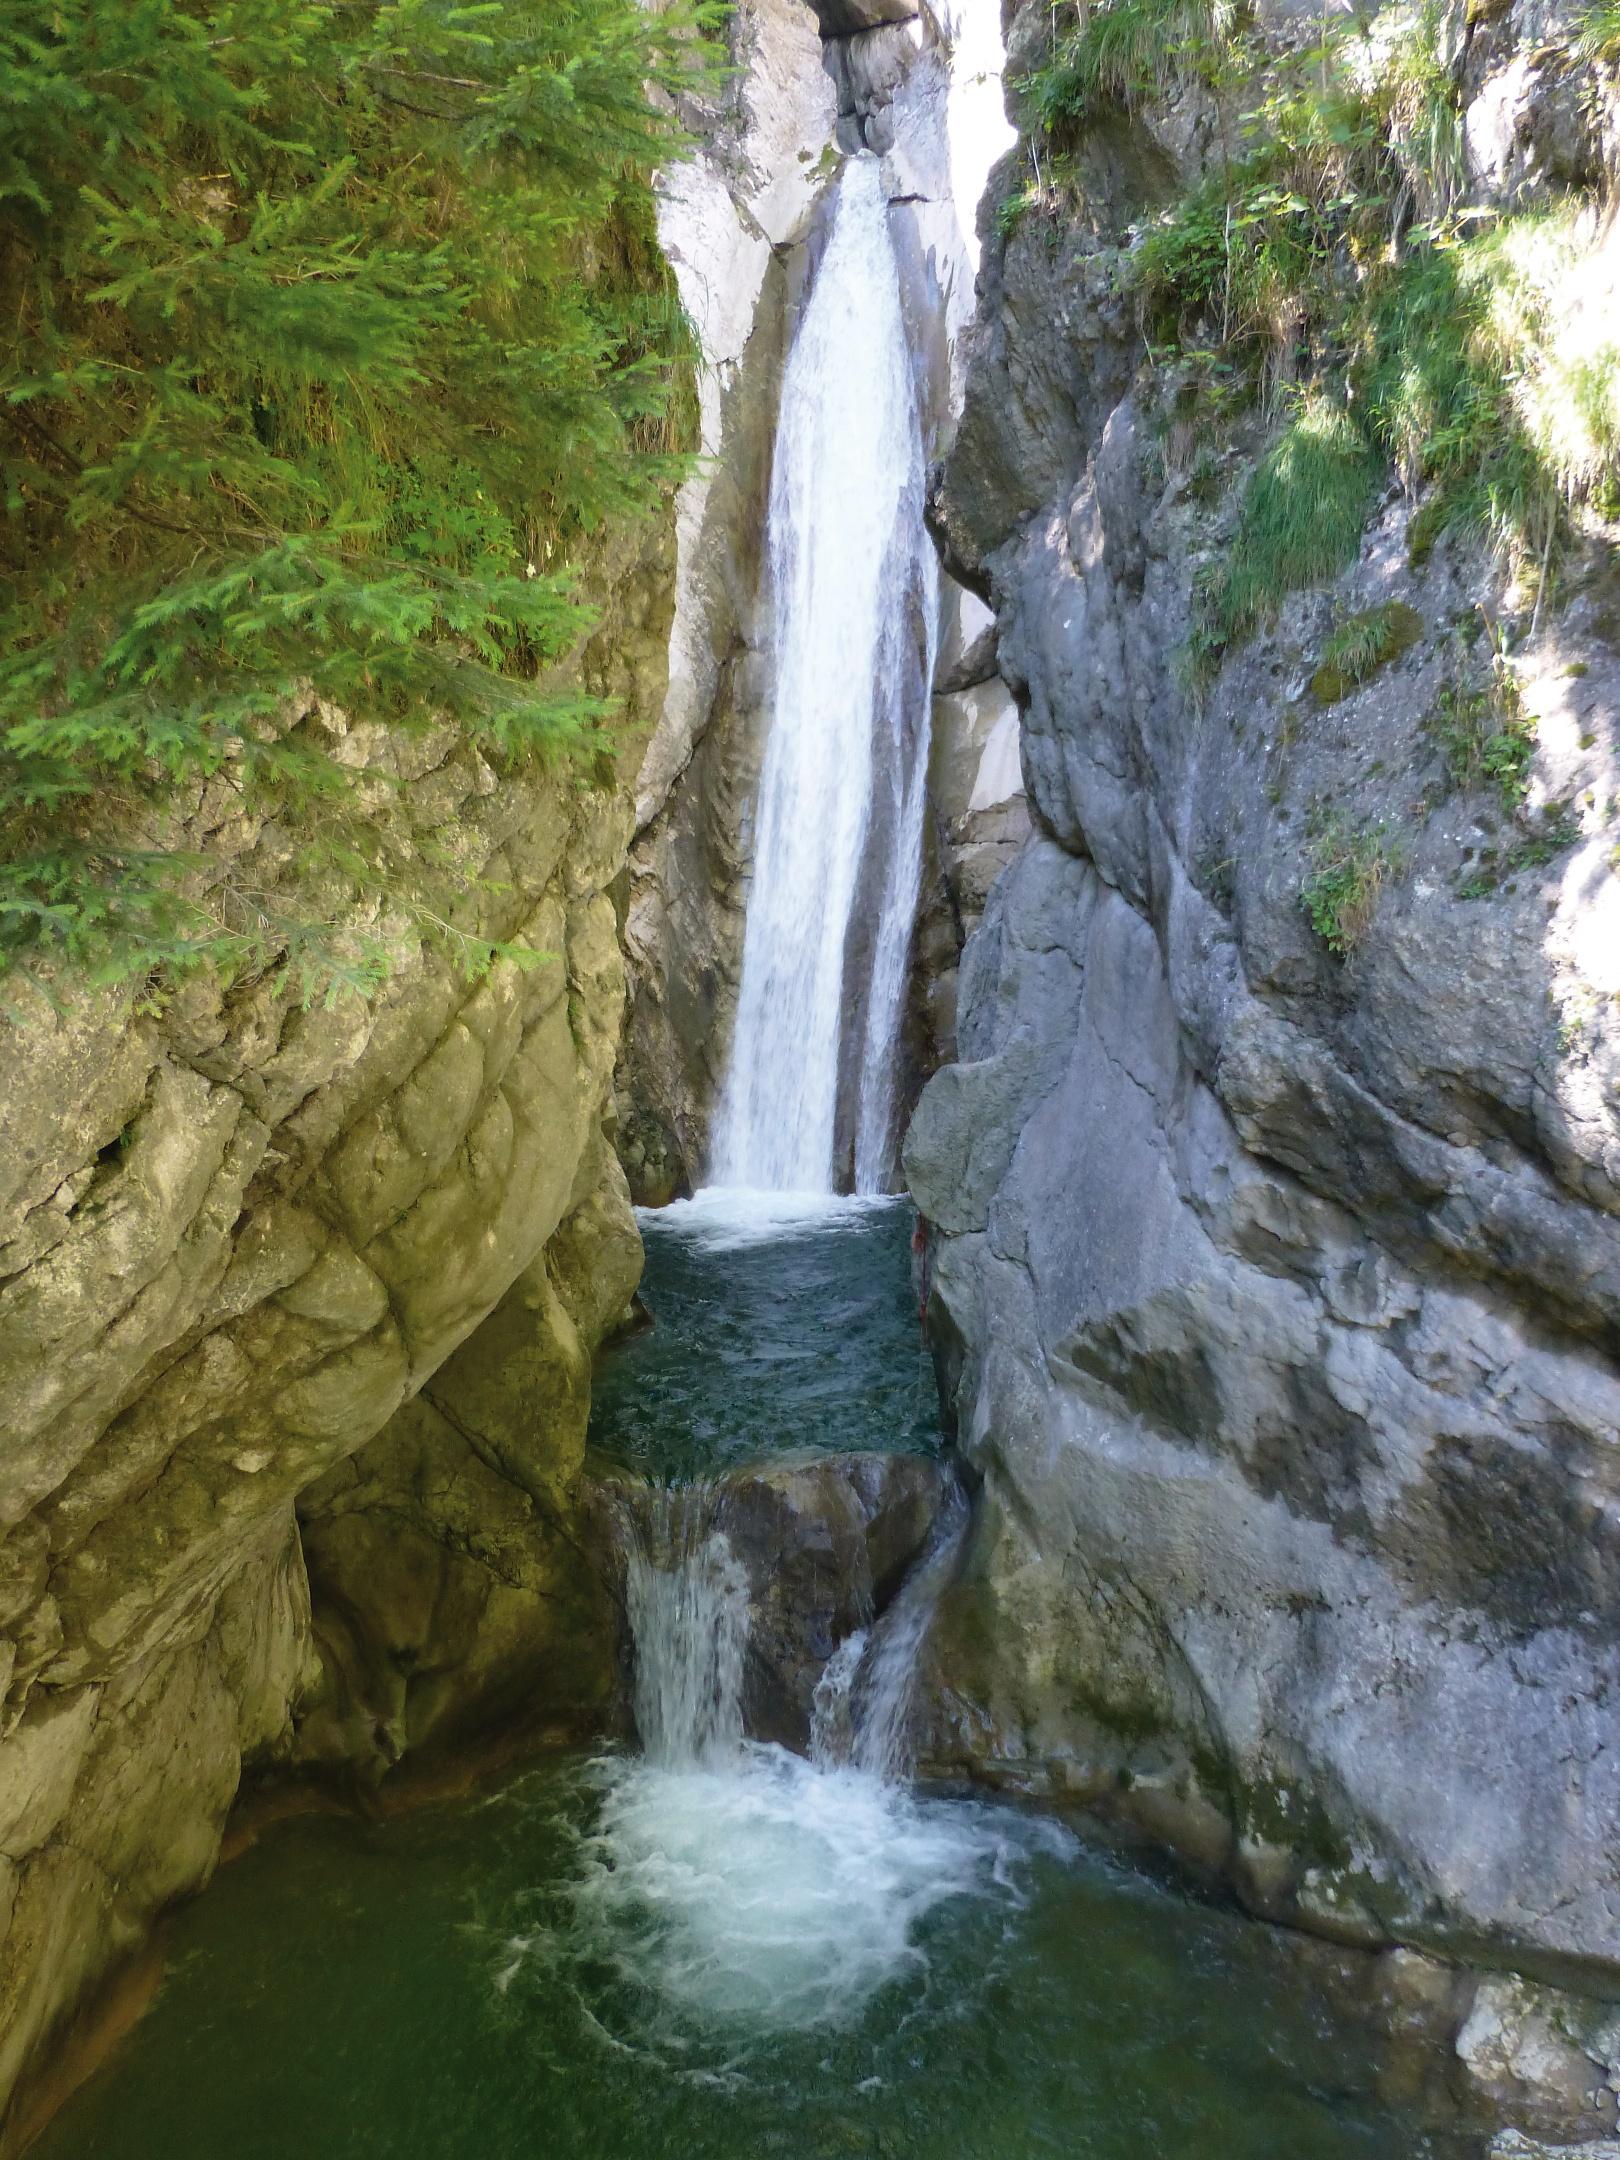 Wasserfall Tatzelwurm